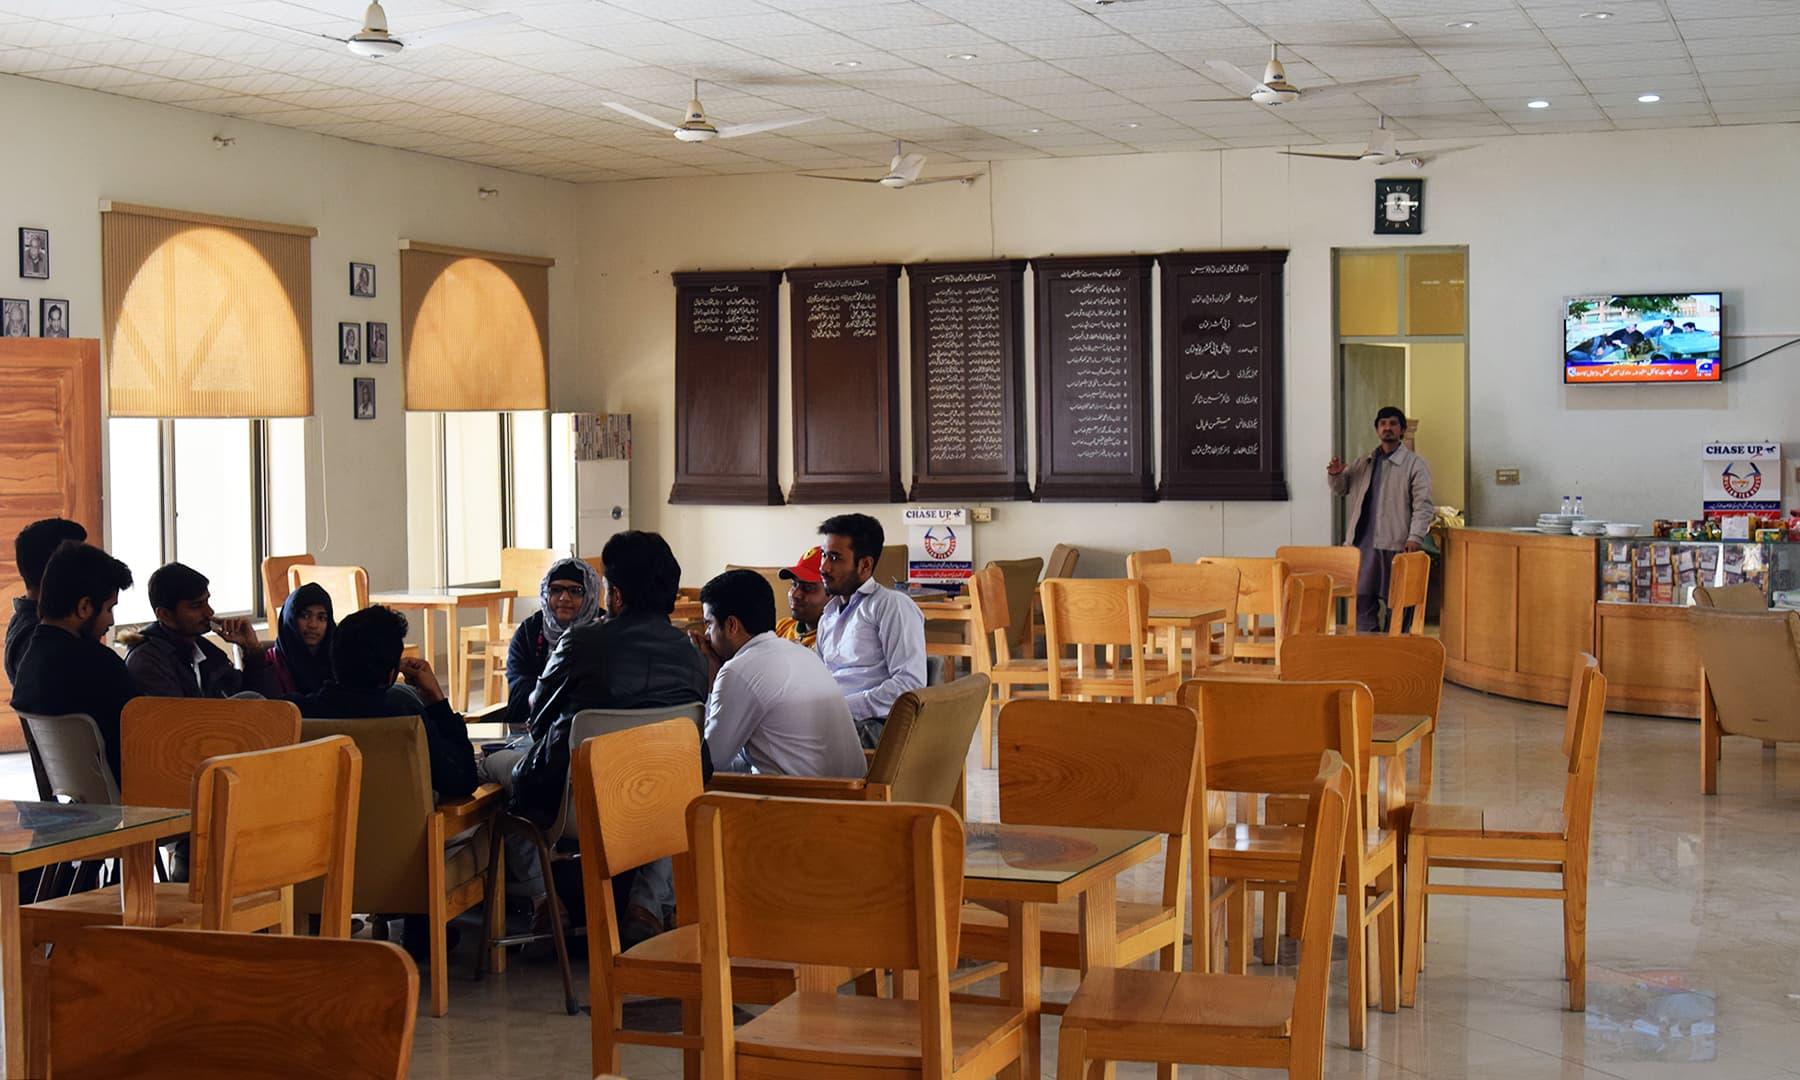 ملتان ٹی ہاؤس شہر بھر کے طلبا و طالبات اور دیگر شخصیات چائے کی چسکیوں پر علمی اور ادبی گفتگو کرتے ہیں—تصویر عظمت اکبر